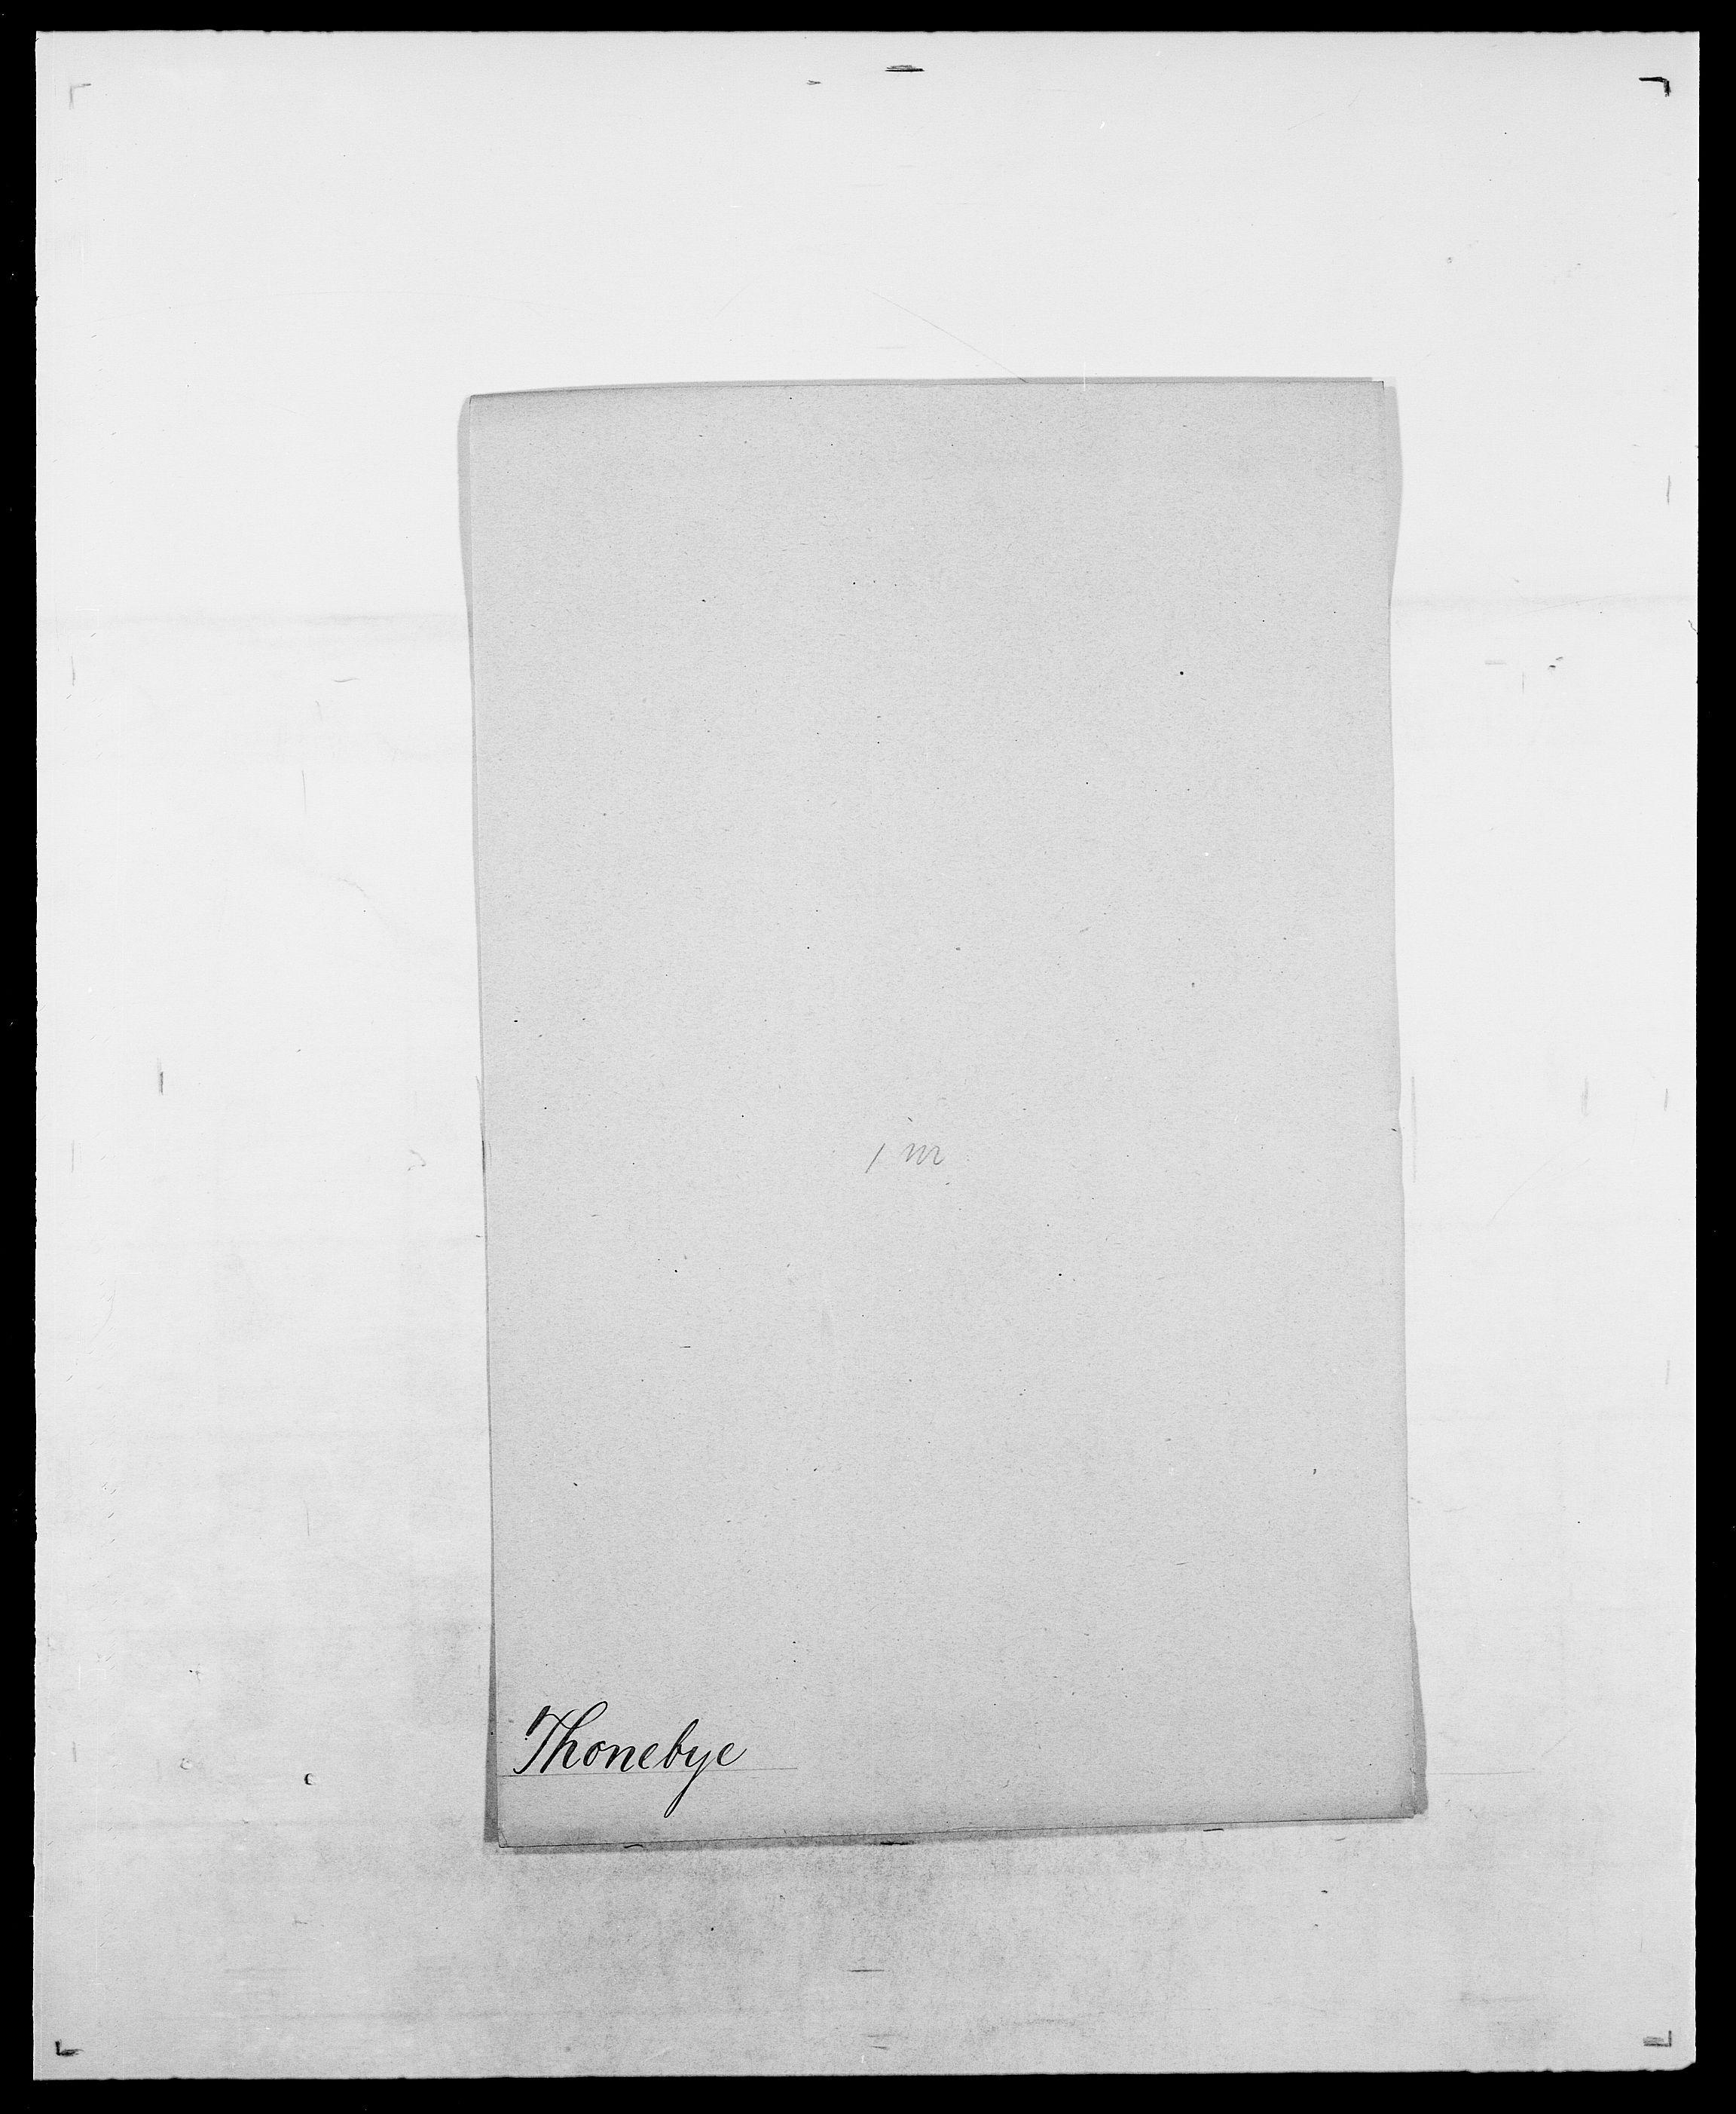 SAO, Delgobe, Charles Antoine - samling, D/Da/L0038: Svanenskjold - Thornsohn, s. 830